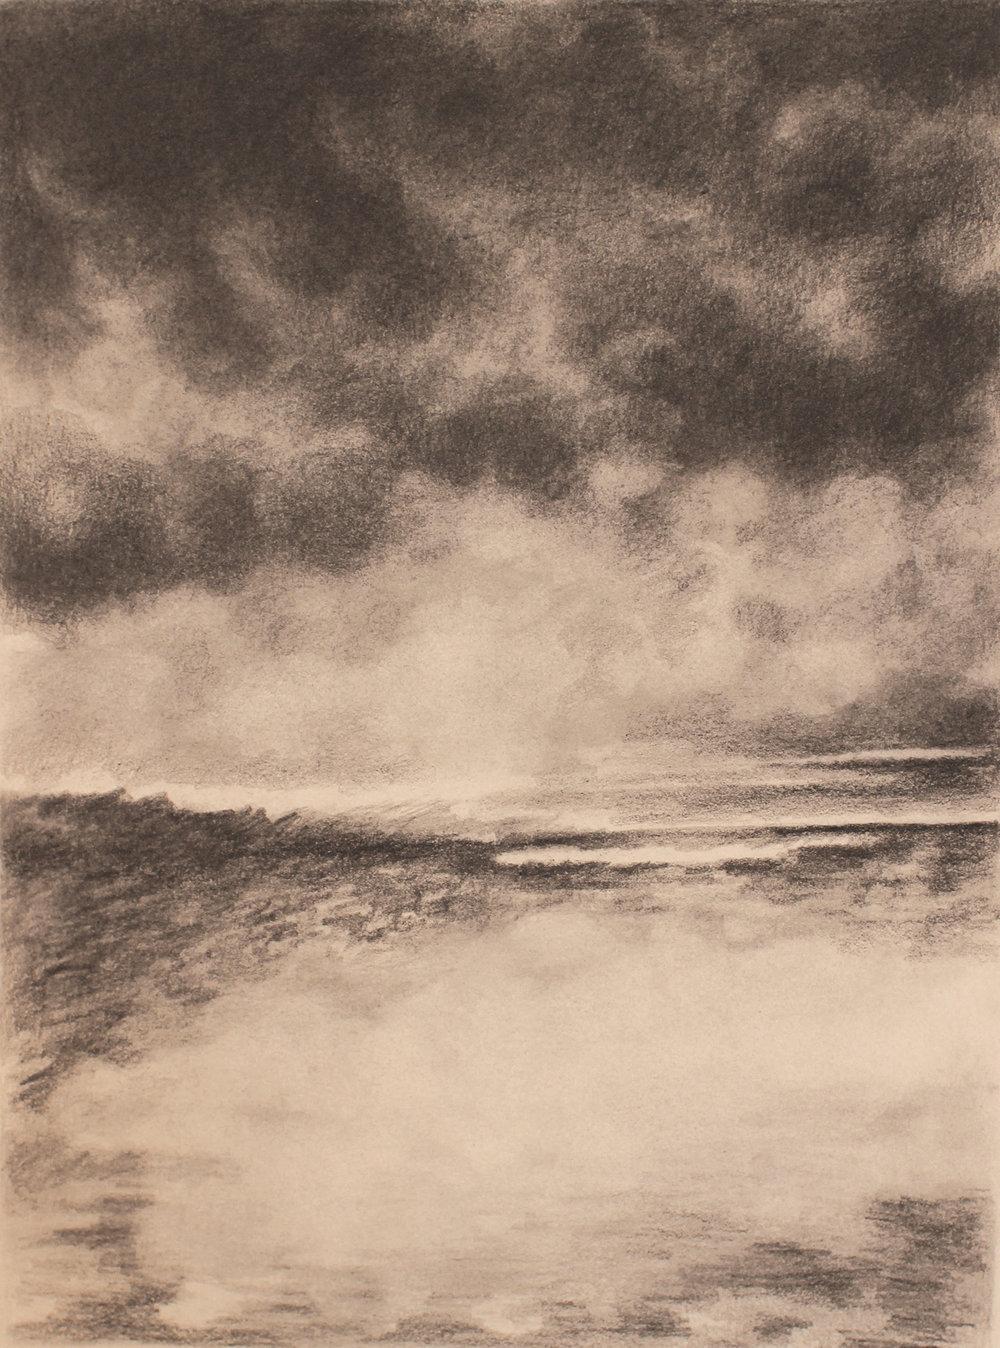 desert (iraq) 3, 2017, 10 x 15 inches, graphite on paper